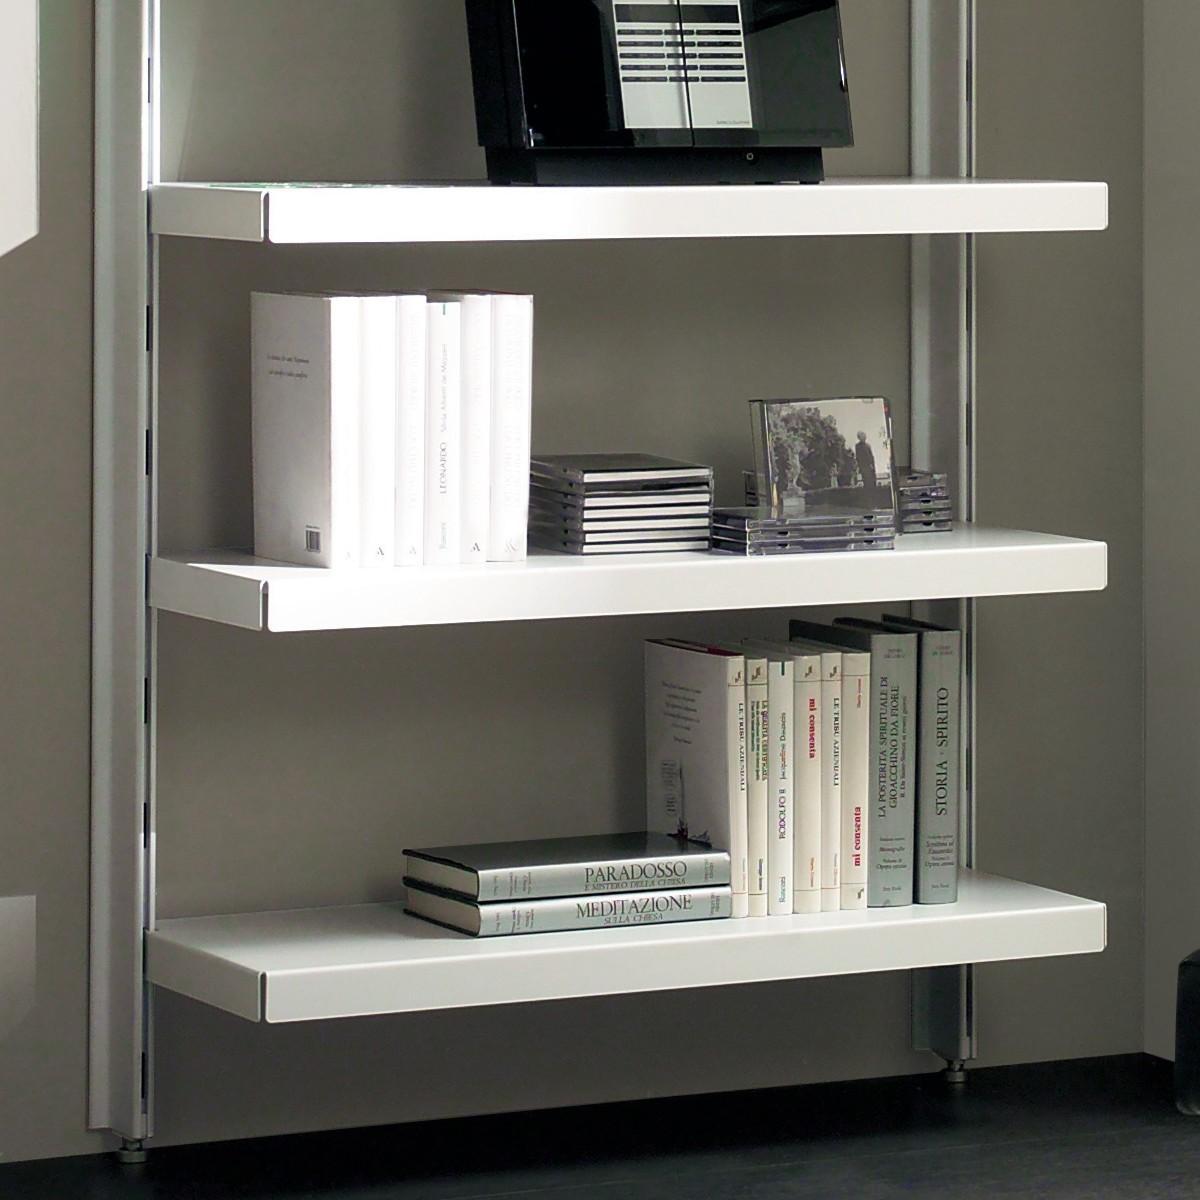 Scaffale in metallo big 15 a muro in acciaio bianco 85 x for Libreria a muro bianca